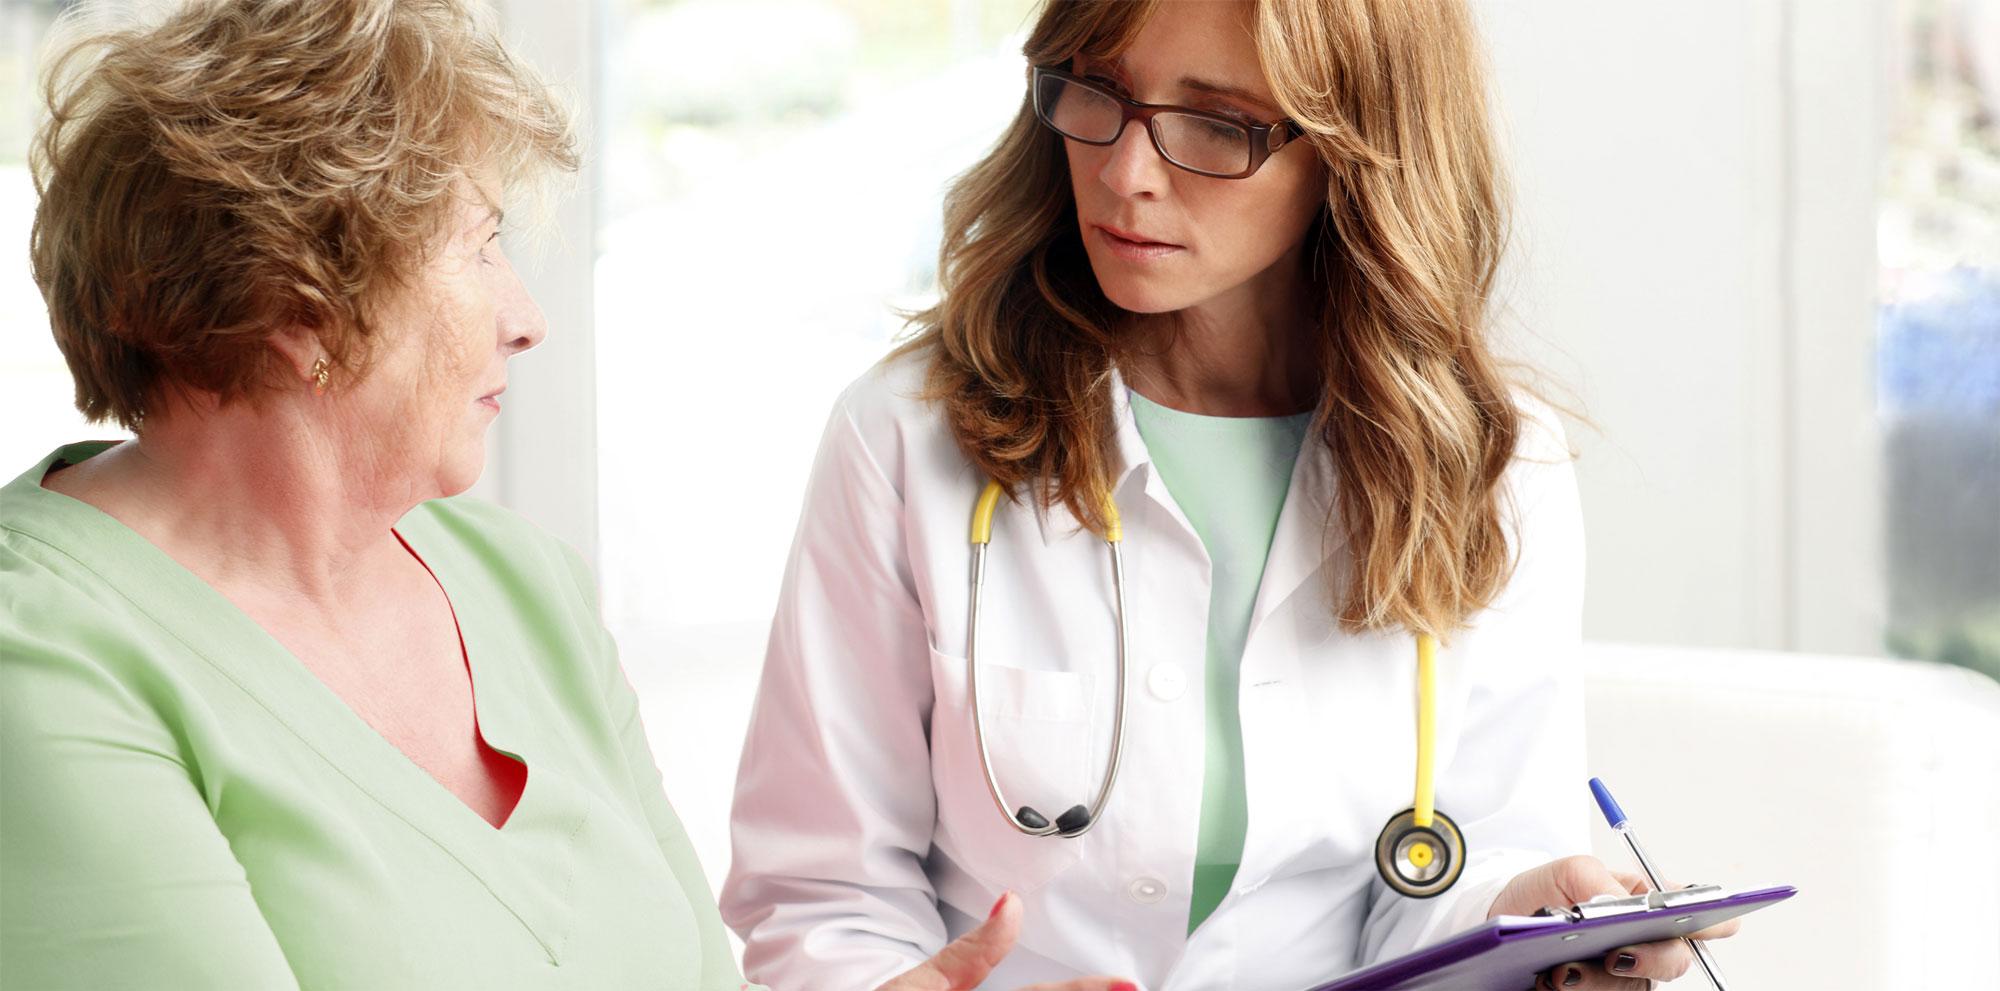 Dr-Patient-01